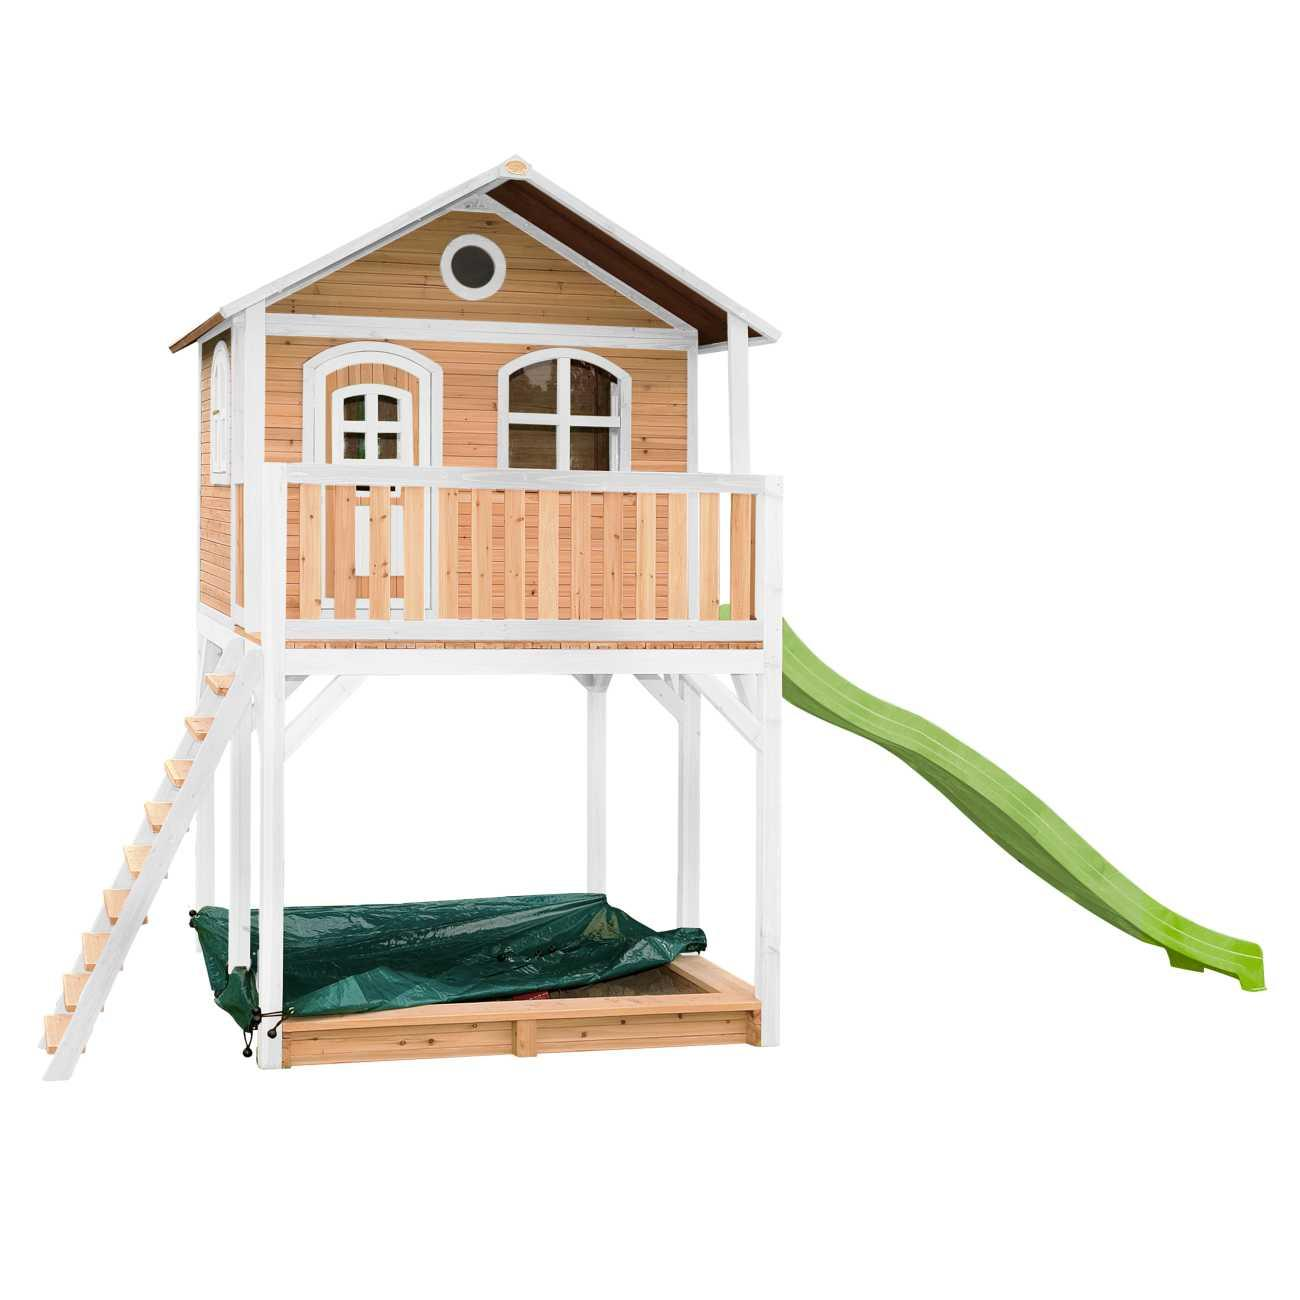 Spielhaus Garten Holz Mit Schaukel